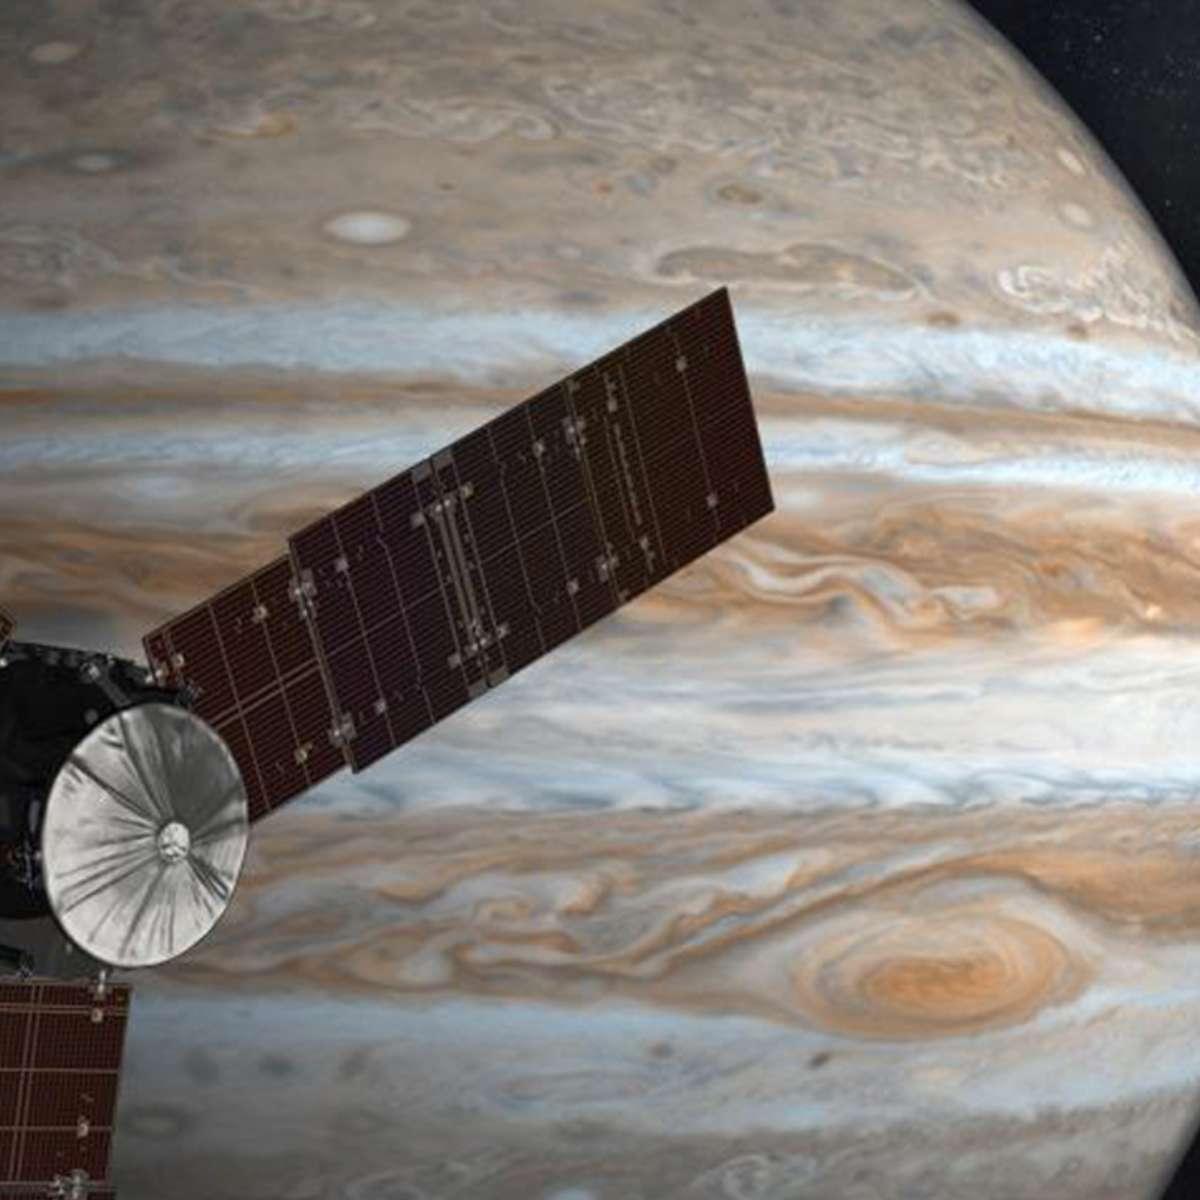 NASA image of Juno spacecraft